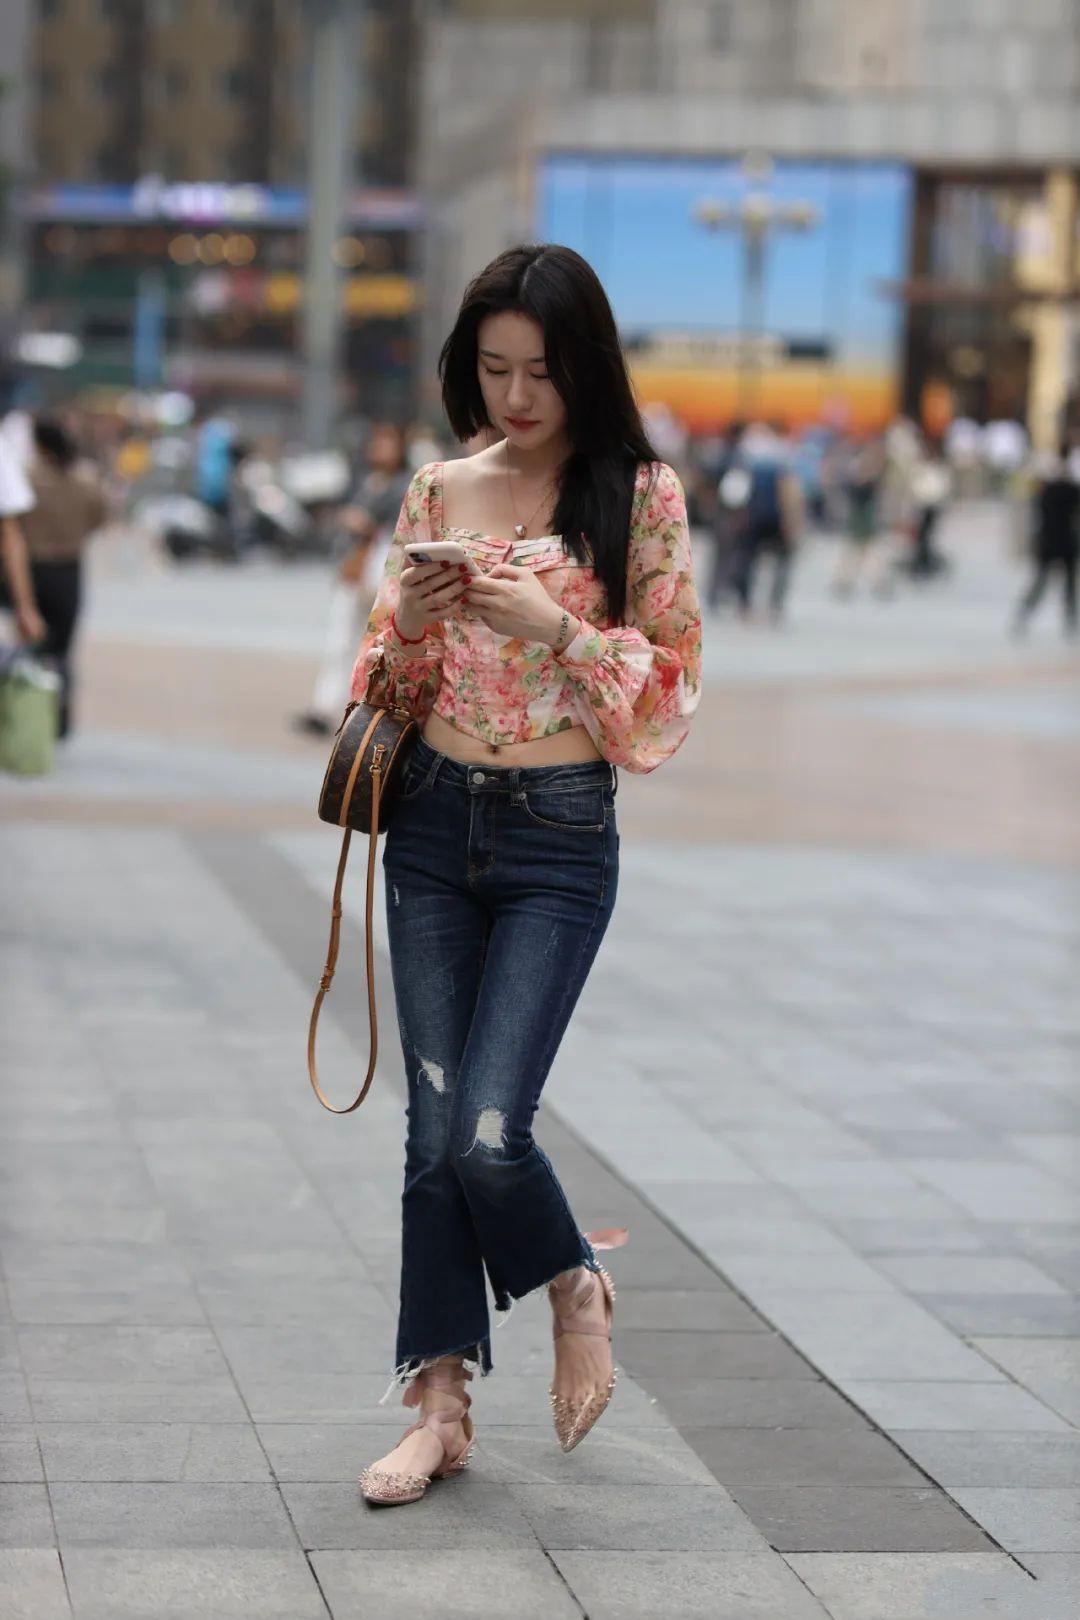 街拍:穿露T恤的时髦女生,背后身体很性感